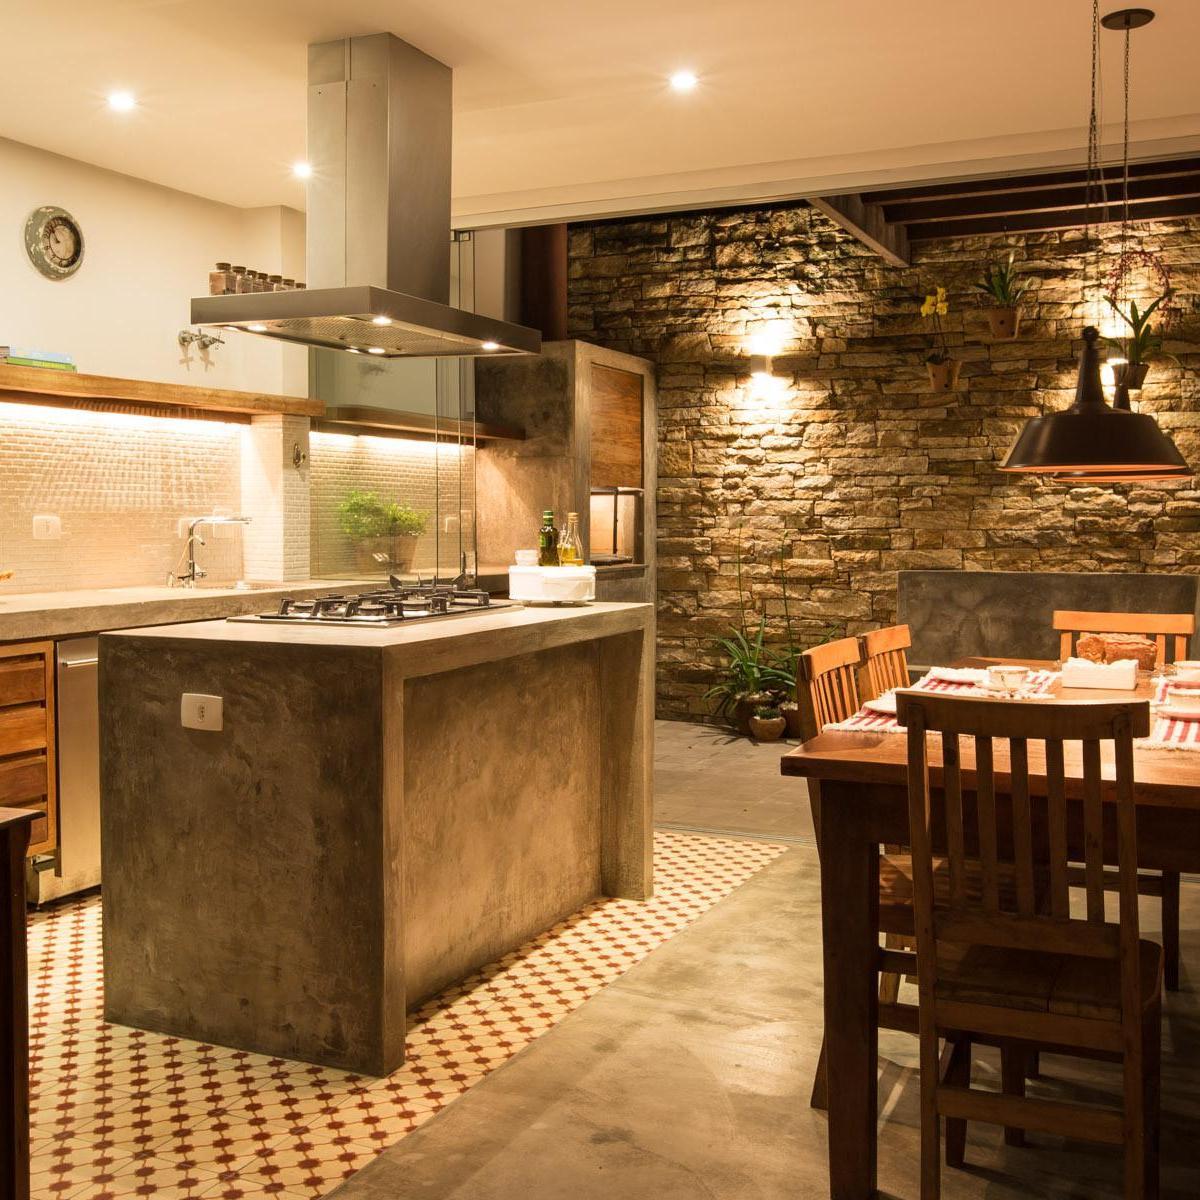 Casa à venda com 2 Quartos Panamby São Paulo R$ 1.100.000 217  #B14E1A 1200x1200